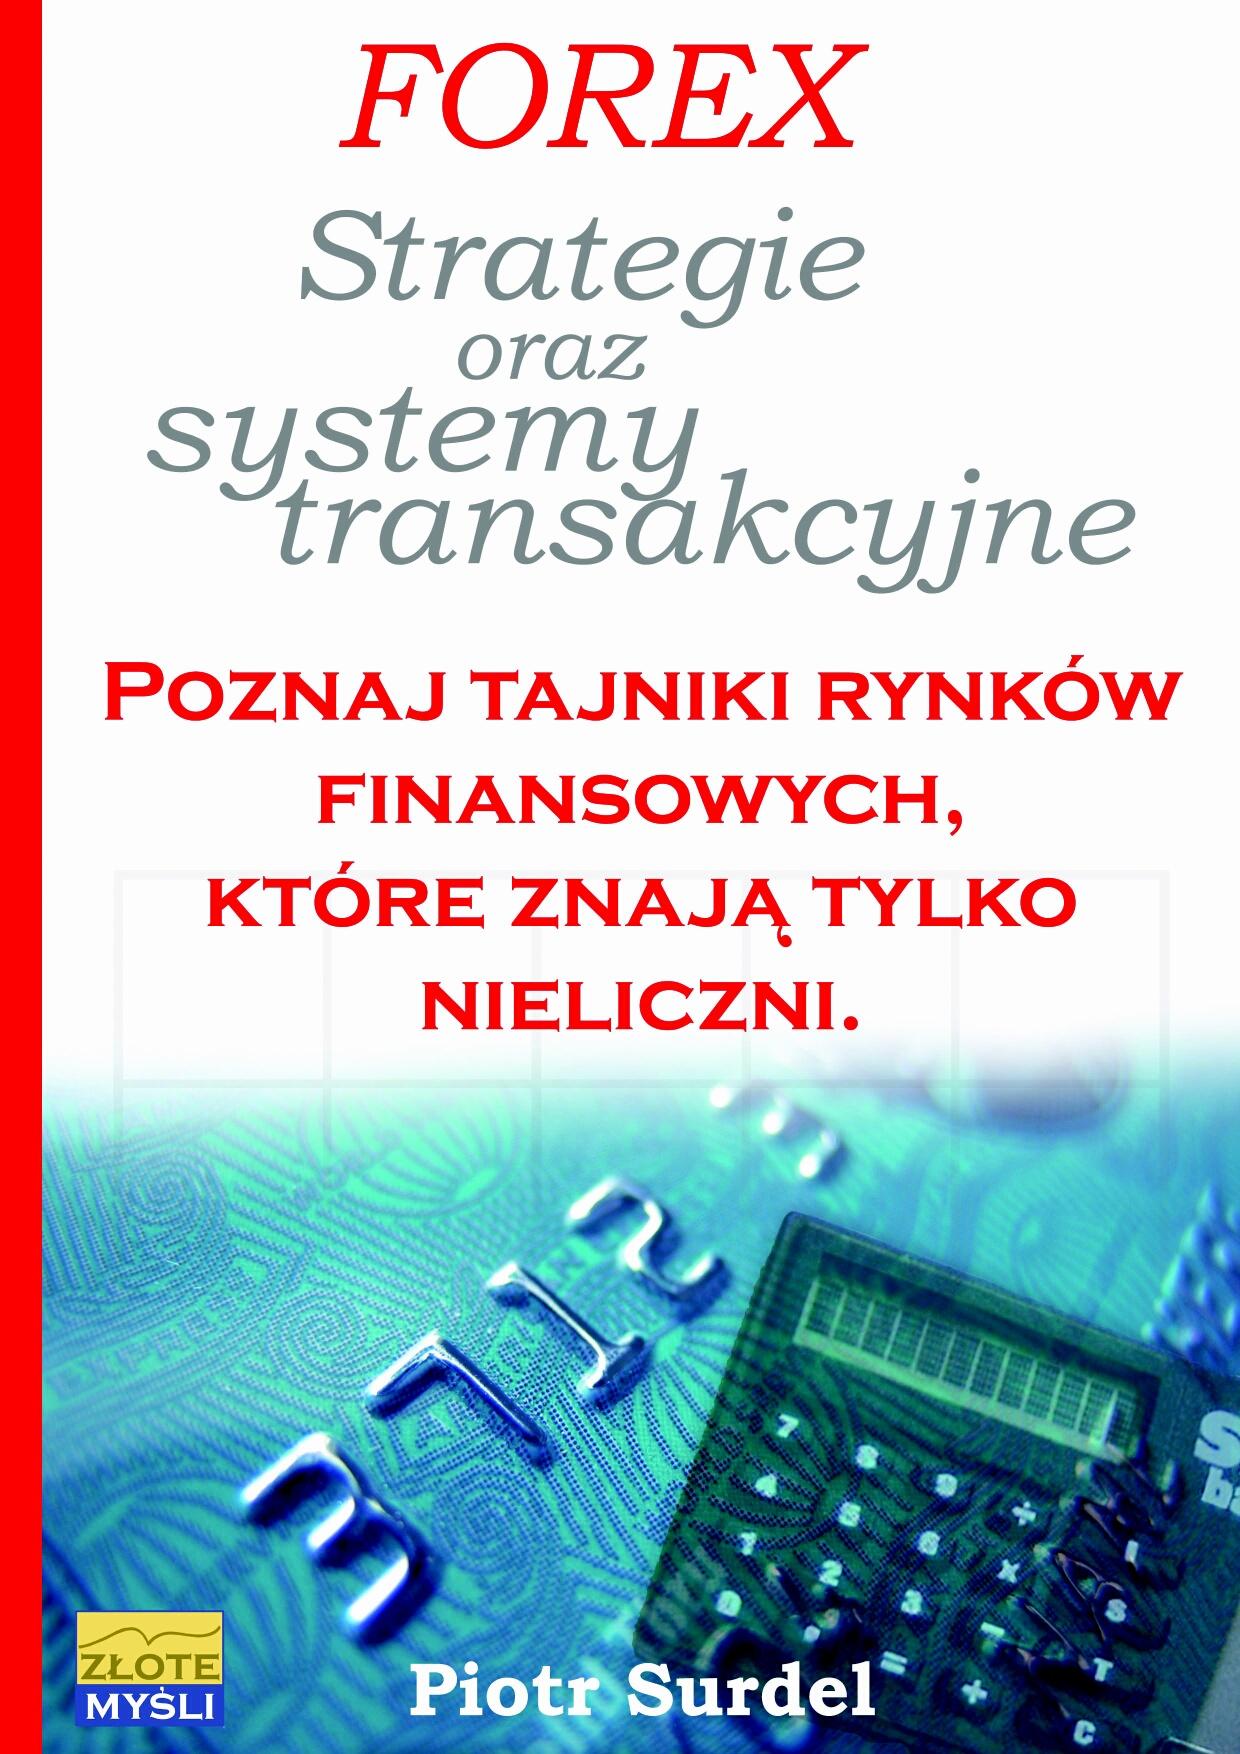 Piotr Surdel: Forex - Strategie i systemy transakcyjne - okładka